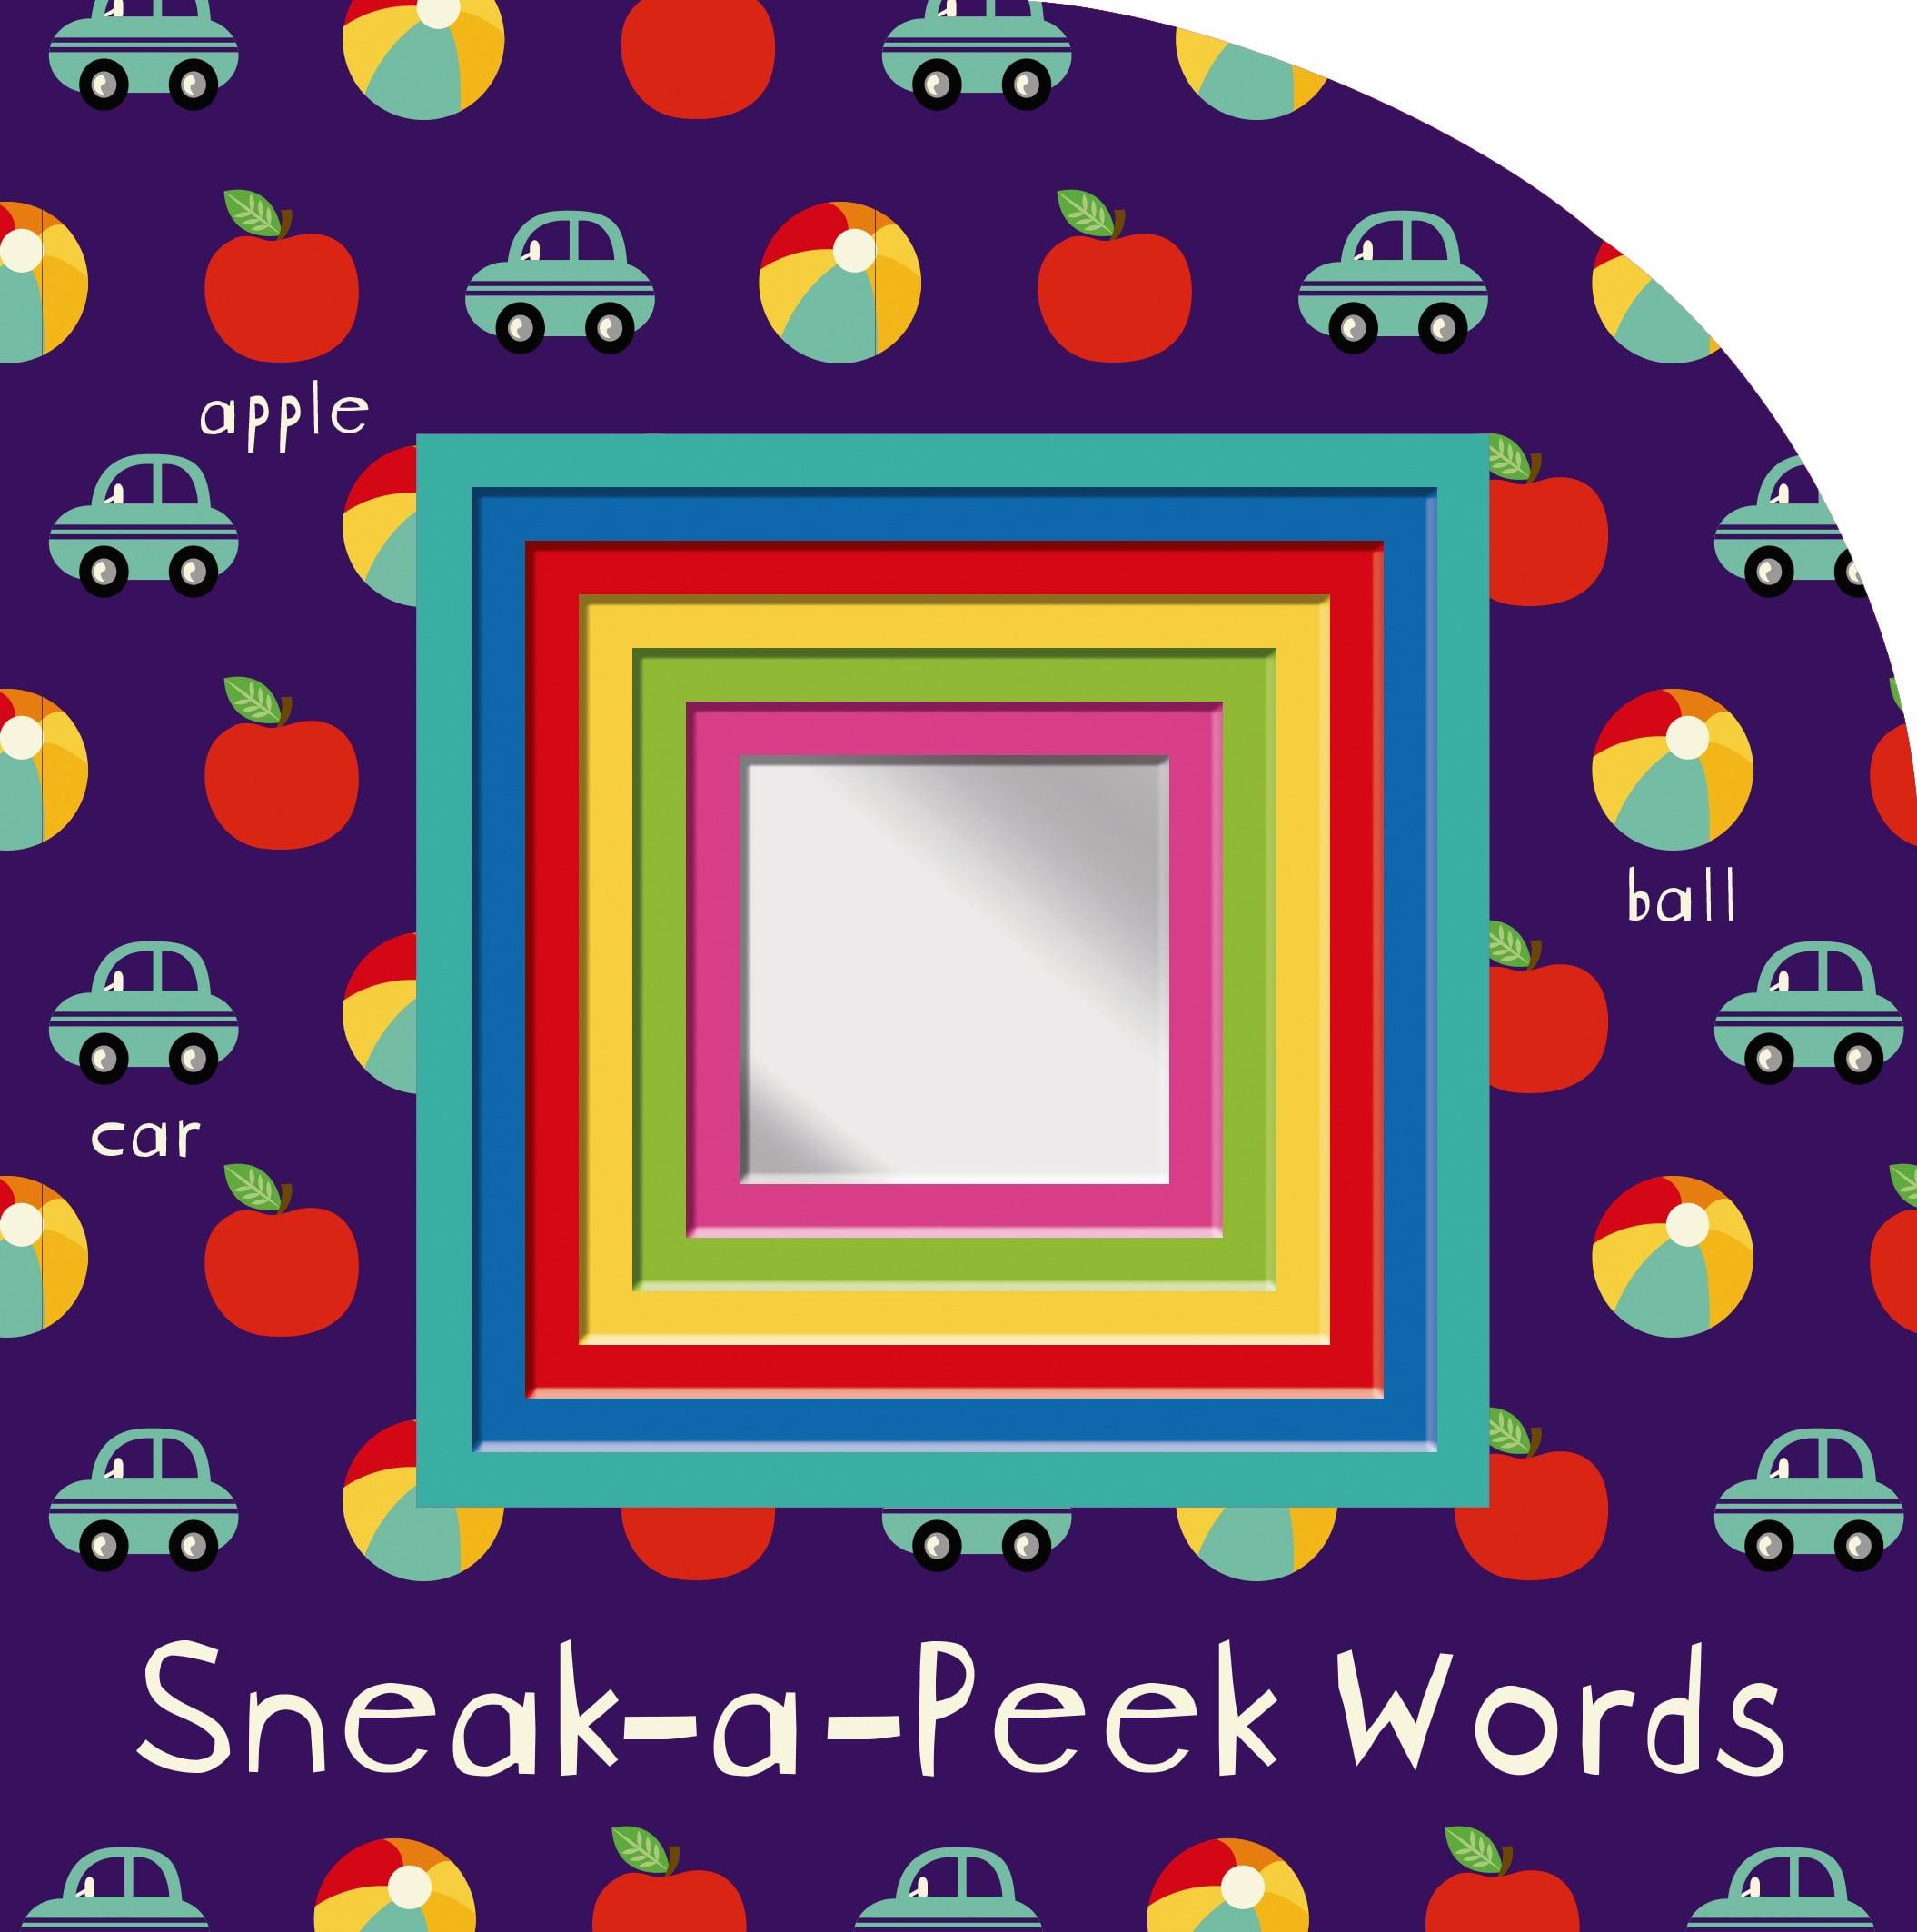 Sneak-a-Peek: Words